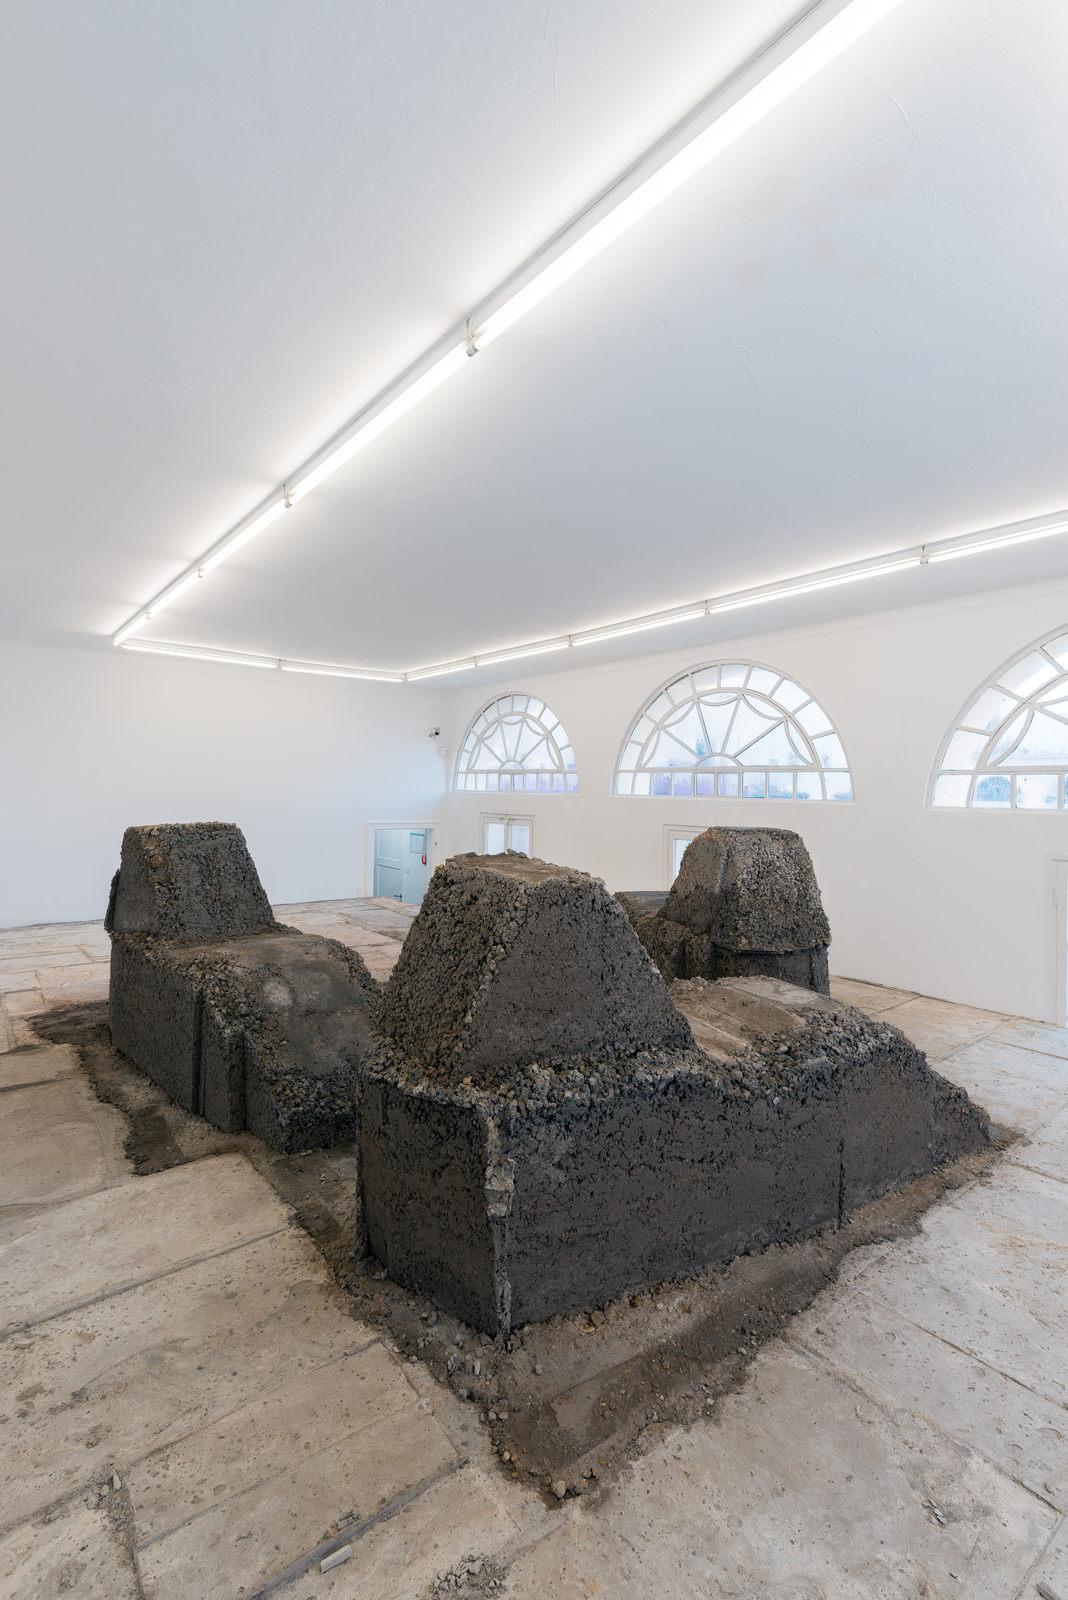 Tiril Hasselknippe at Kunstverein Braunschweig_03